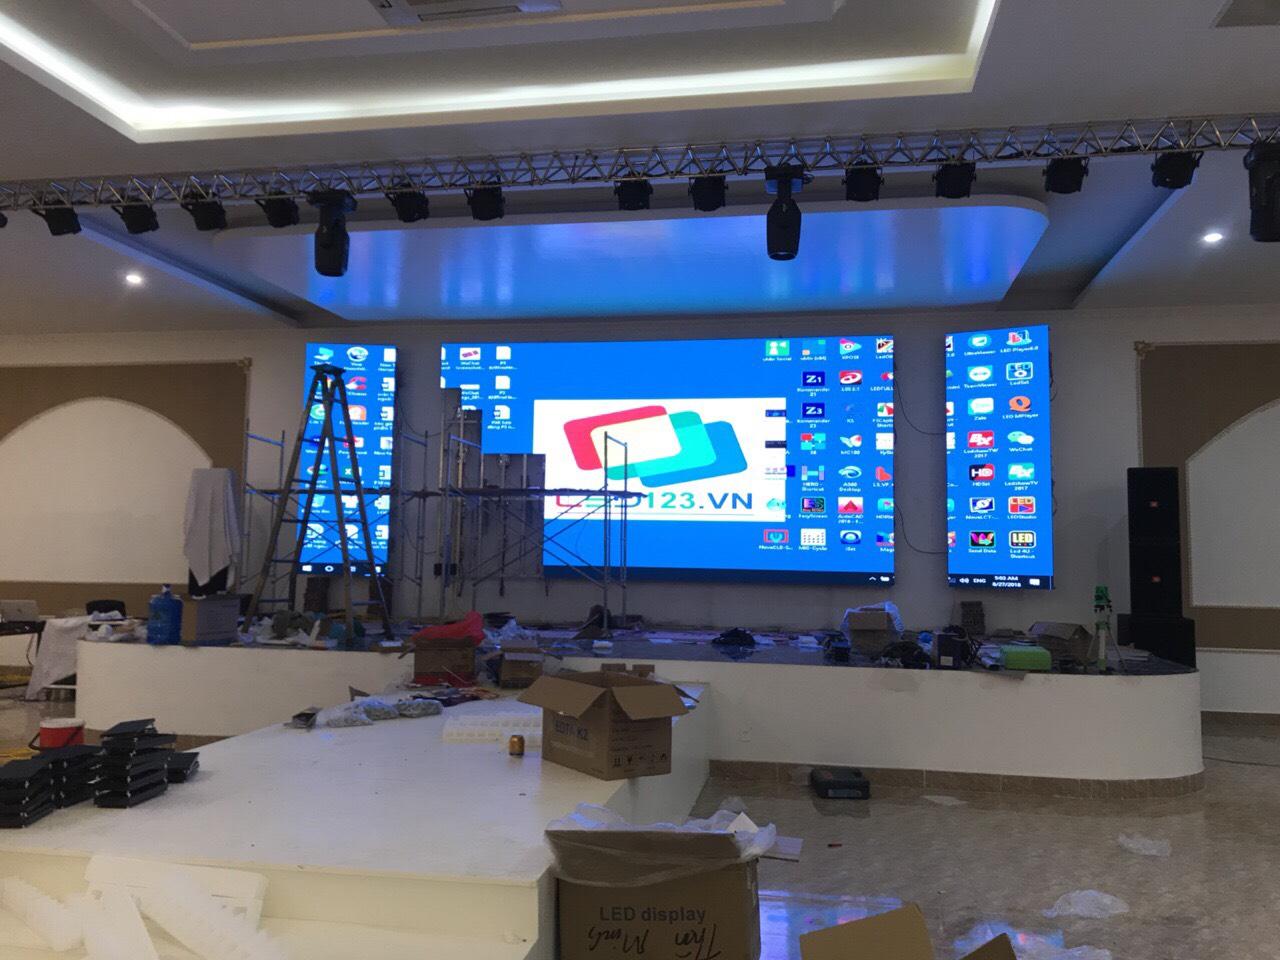 Thi công màn hình Led P4 SreenShenzhen tại nhà hàng Phố Mới - Tứ Kỳ - Hải Dương led123